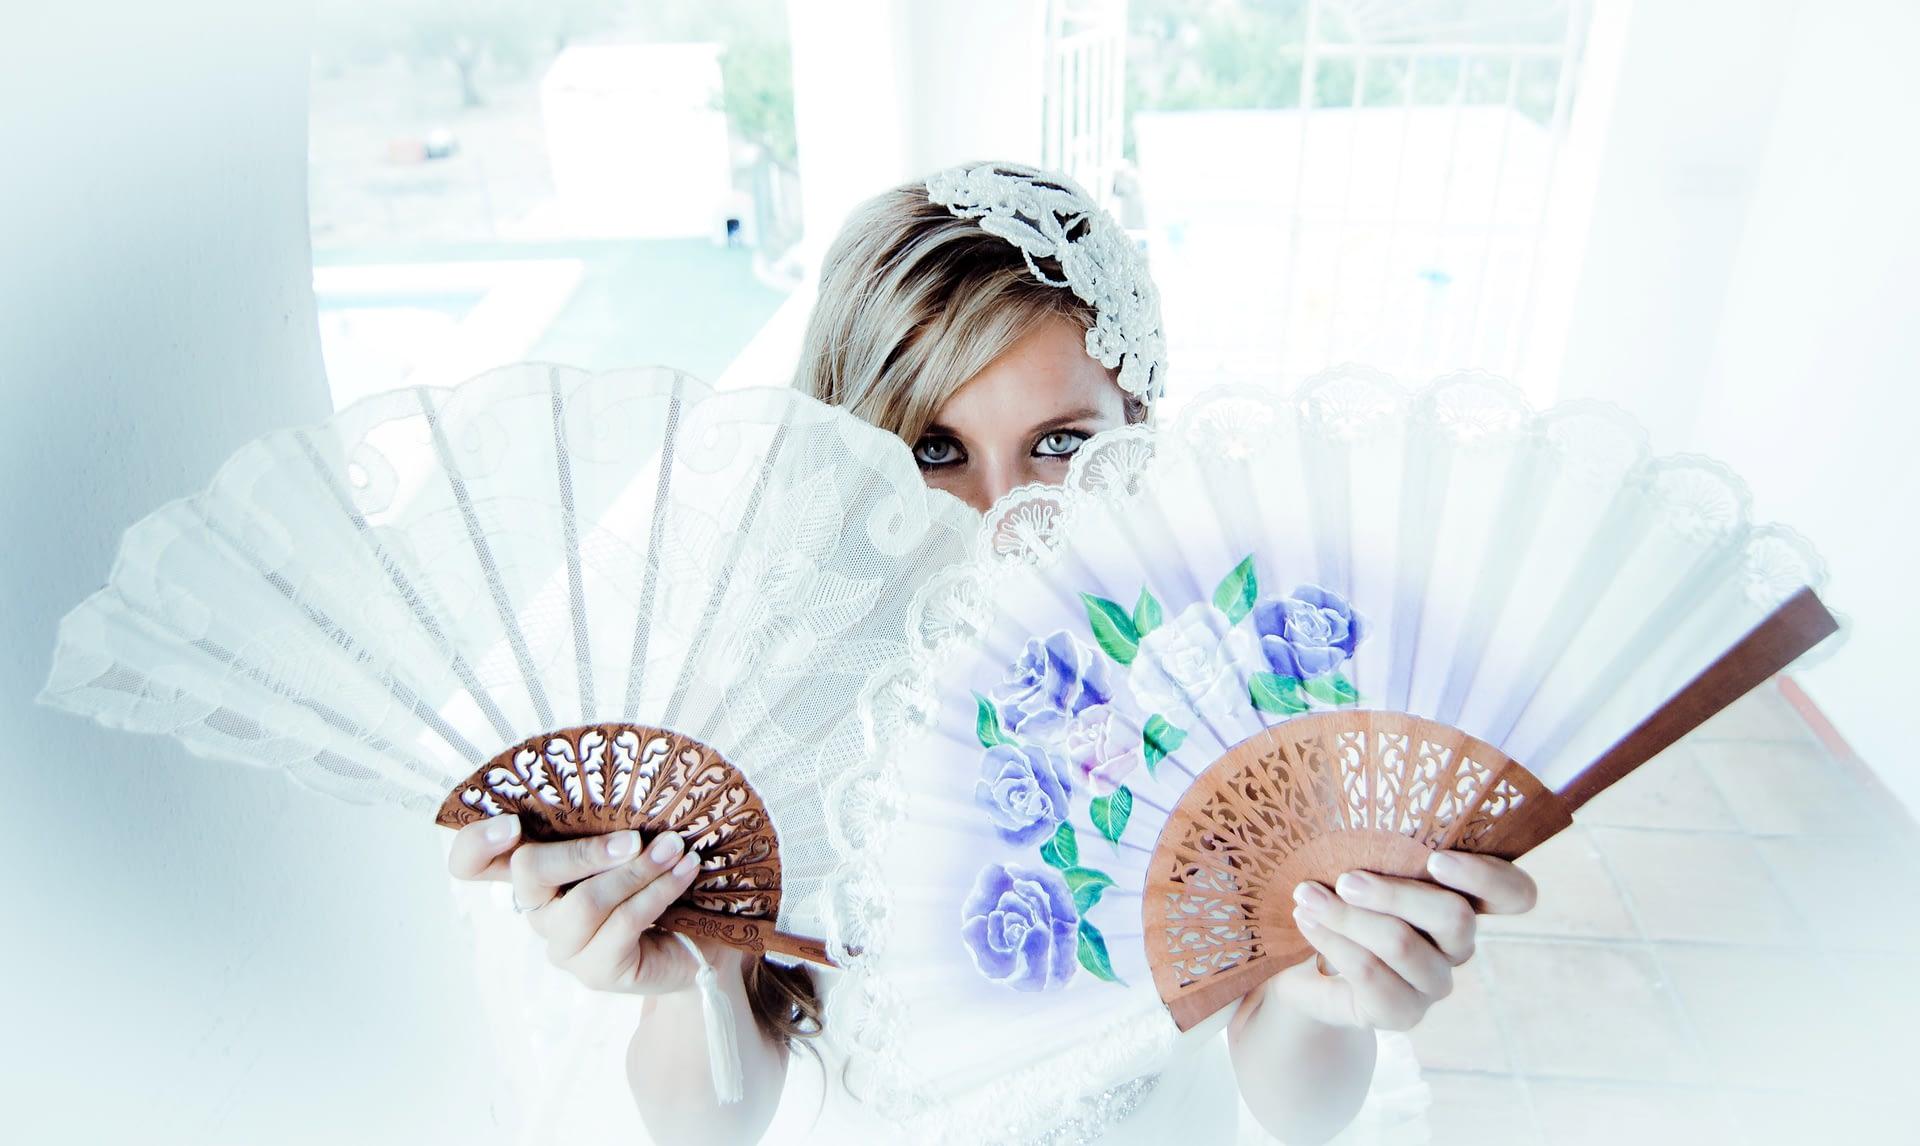 Pierluigi Cavarra - fotografo de bodas y eventos - wedding photographer costa blanca - ejemplo -43